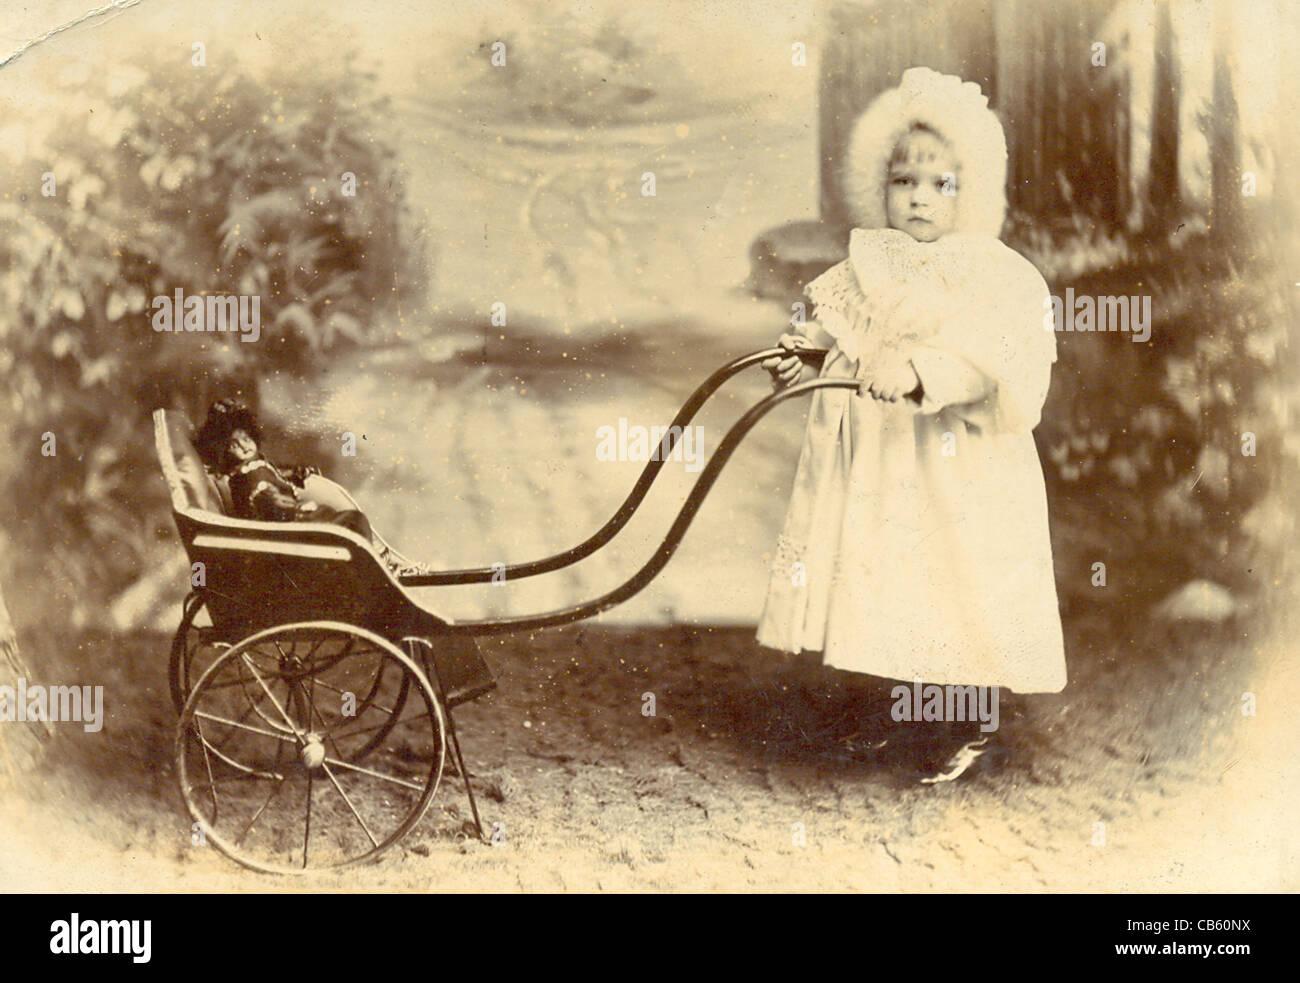 Armadio fotografia del bambino con il passeggino e la bambola Immagini Stock